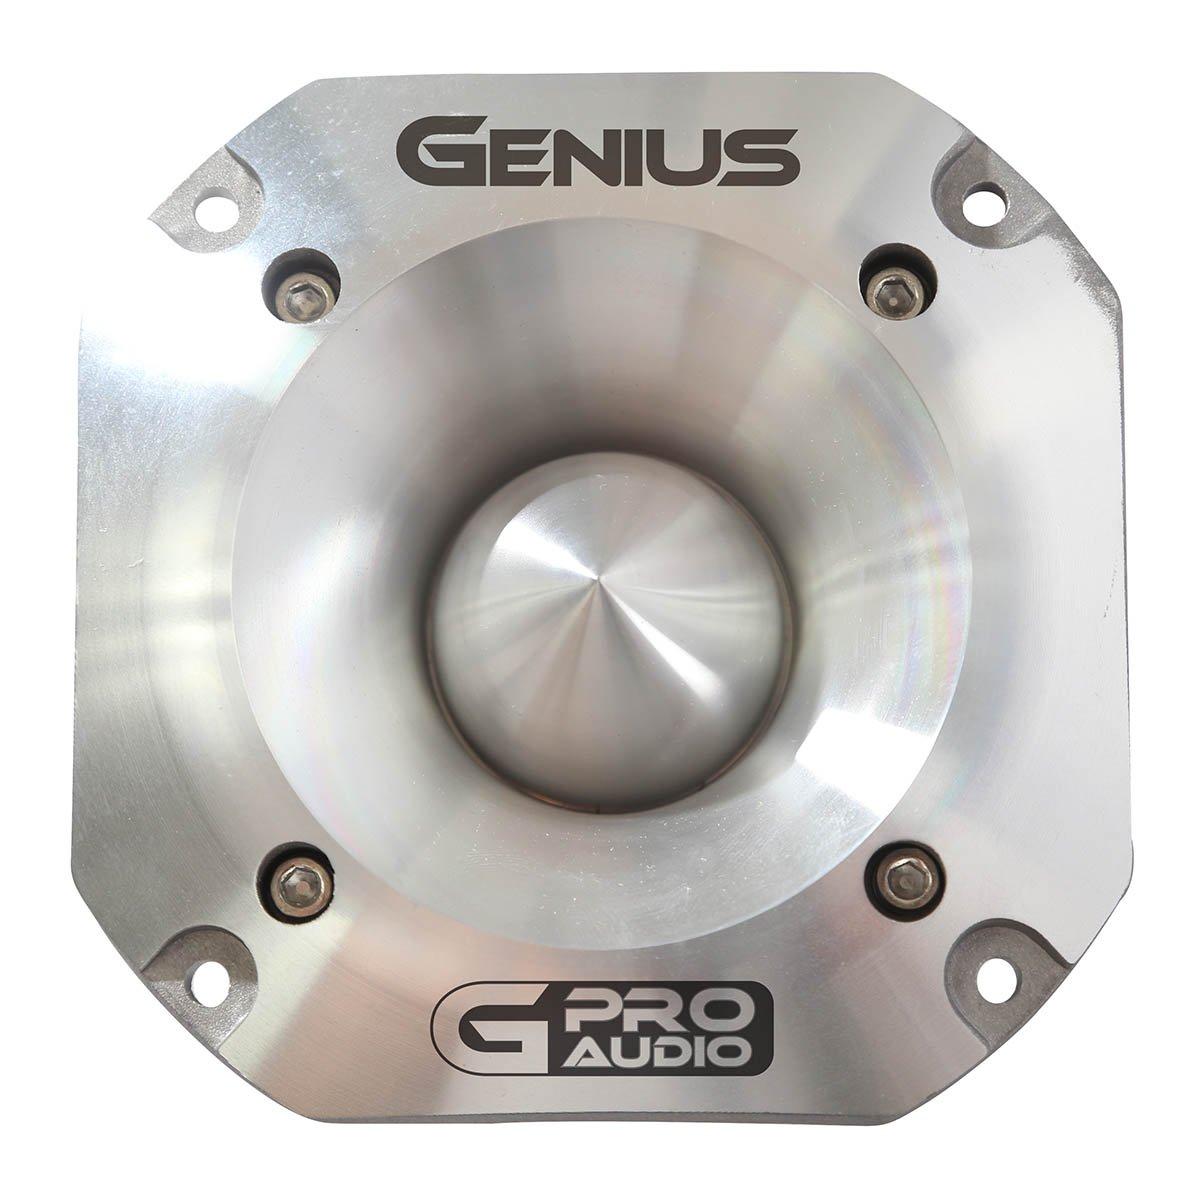 Genius GPRO-T02 1.5 300 Watts-Max Tweeter Car Audio Aluminium Diaphragm 4-Ohms Aricasa